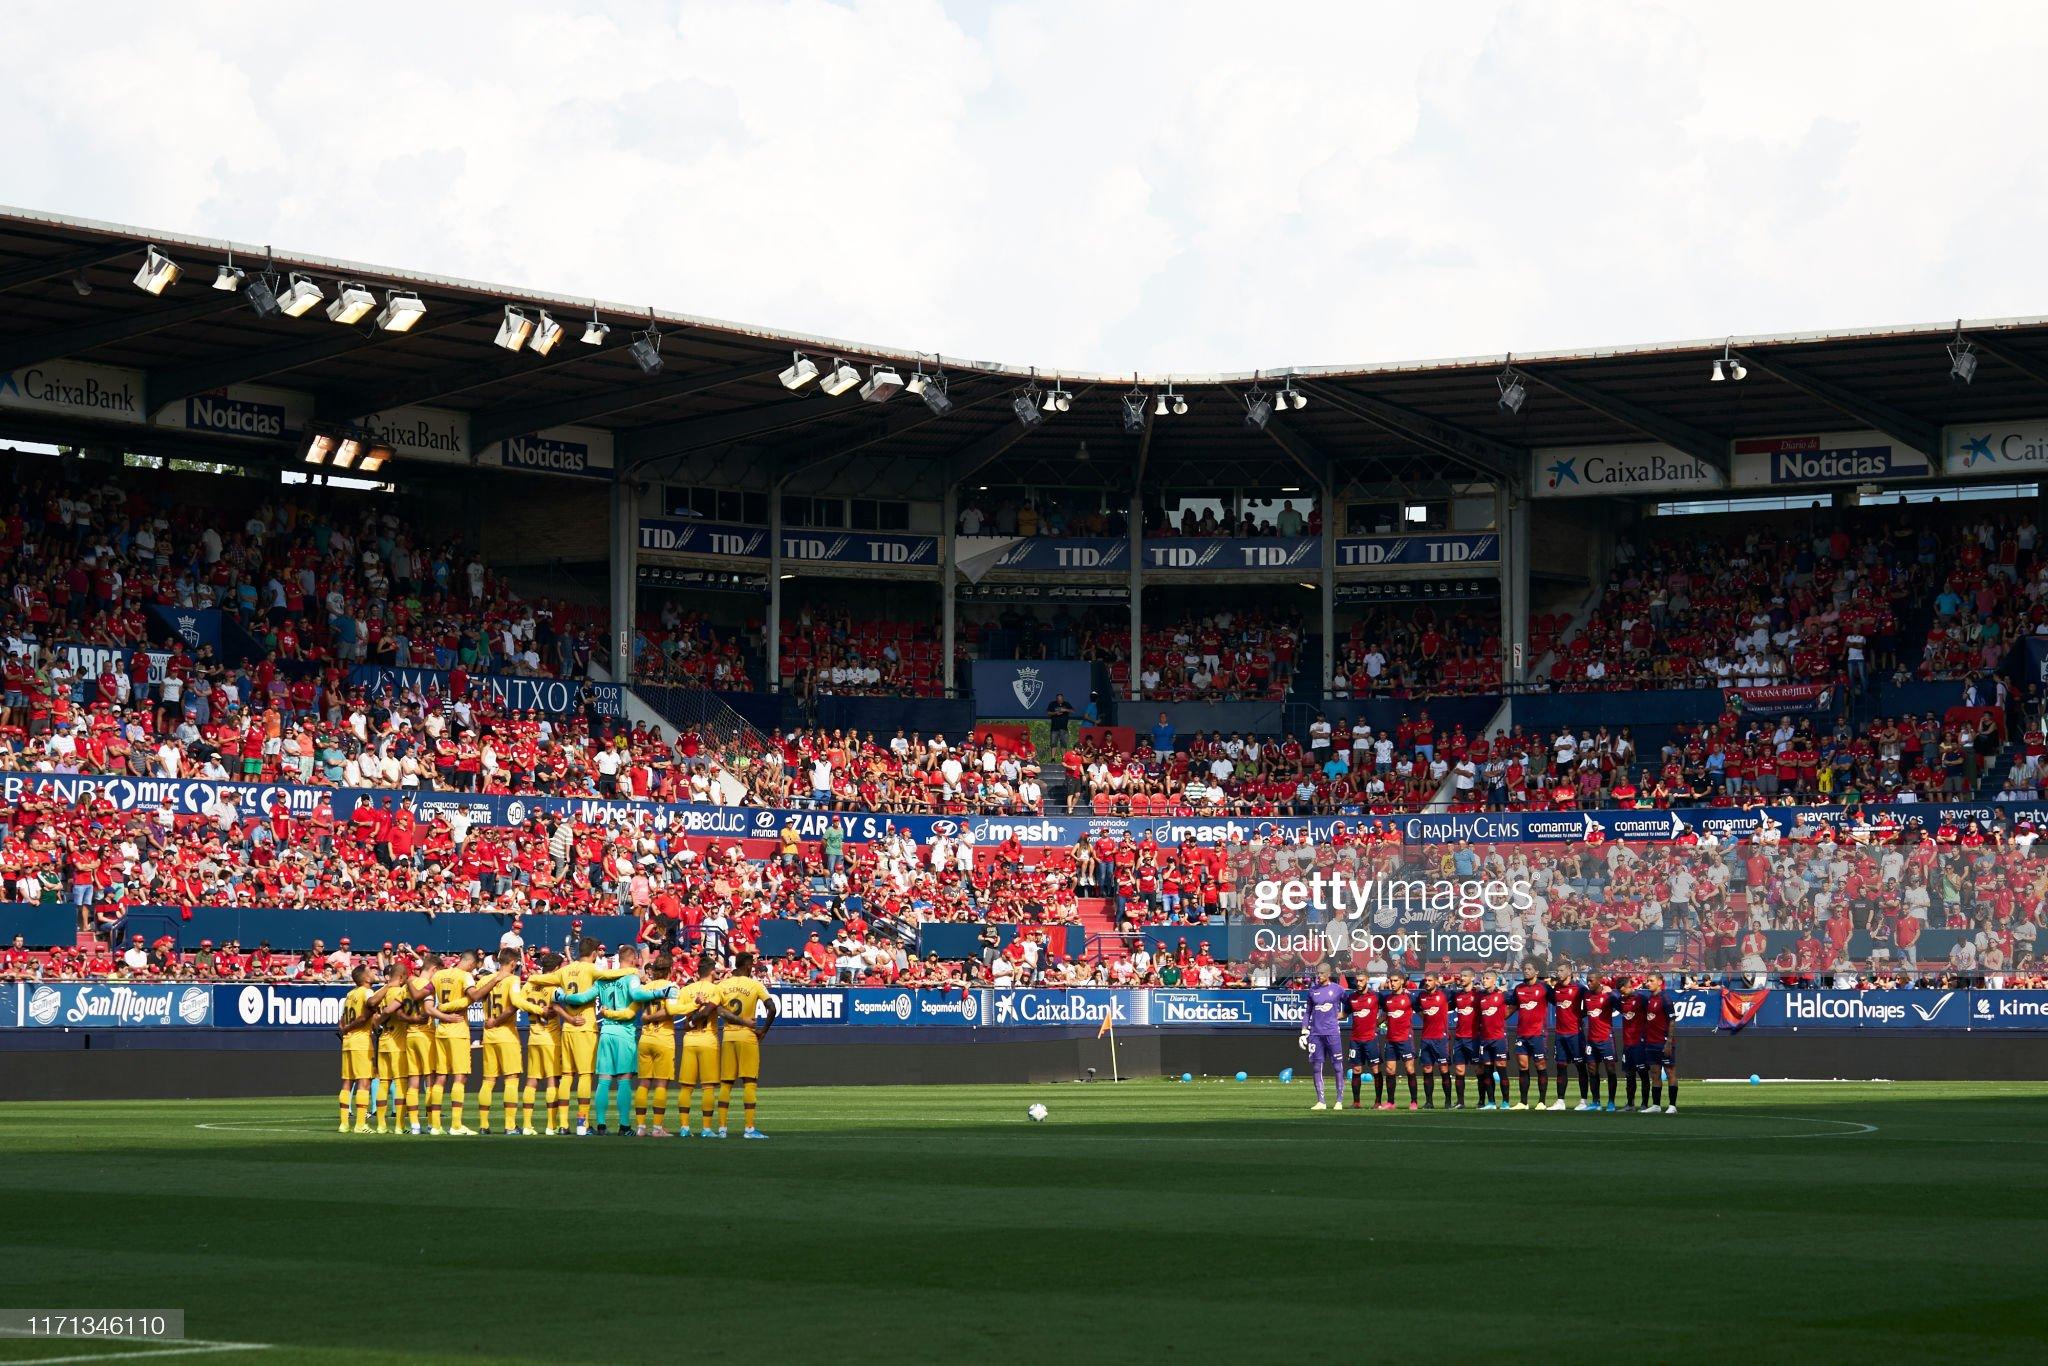 صور مباراة : أوساسونا - برشلونة 2-2 ( 31-08-2019 )  Players-of-ca-osasuna-and-of-fc-barcelona-line-up-for-a-minute-of-picture-id1171346110?s=2048x2048